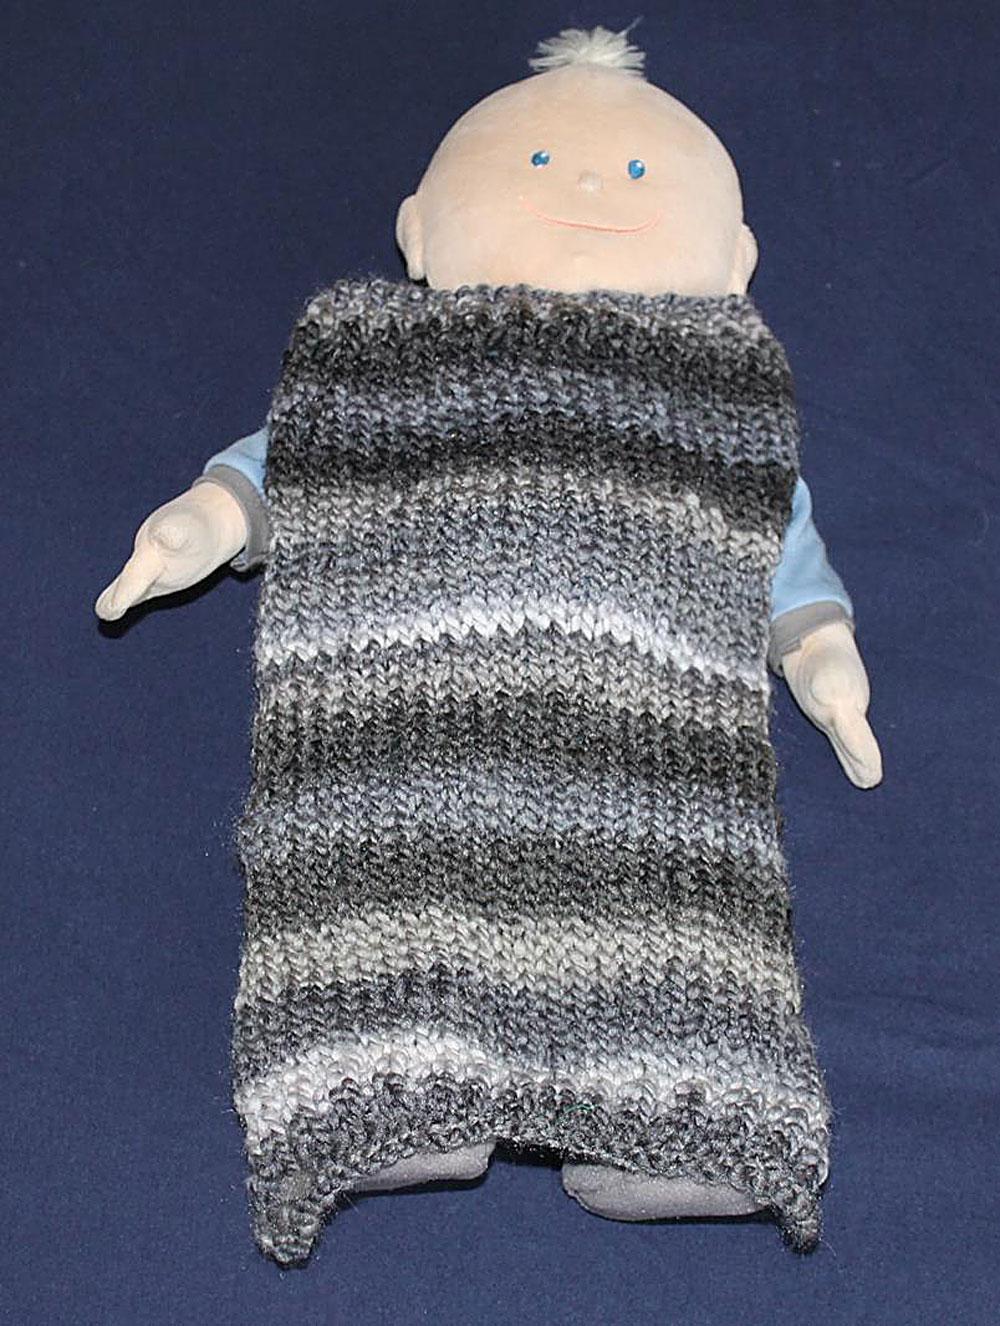 Kinder stricken - Decke für die Puppe  Kinder stricken - Die zehnjährige Martha kann es!